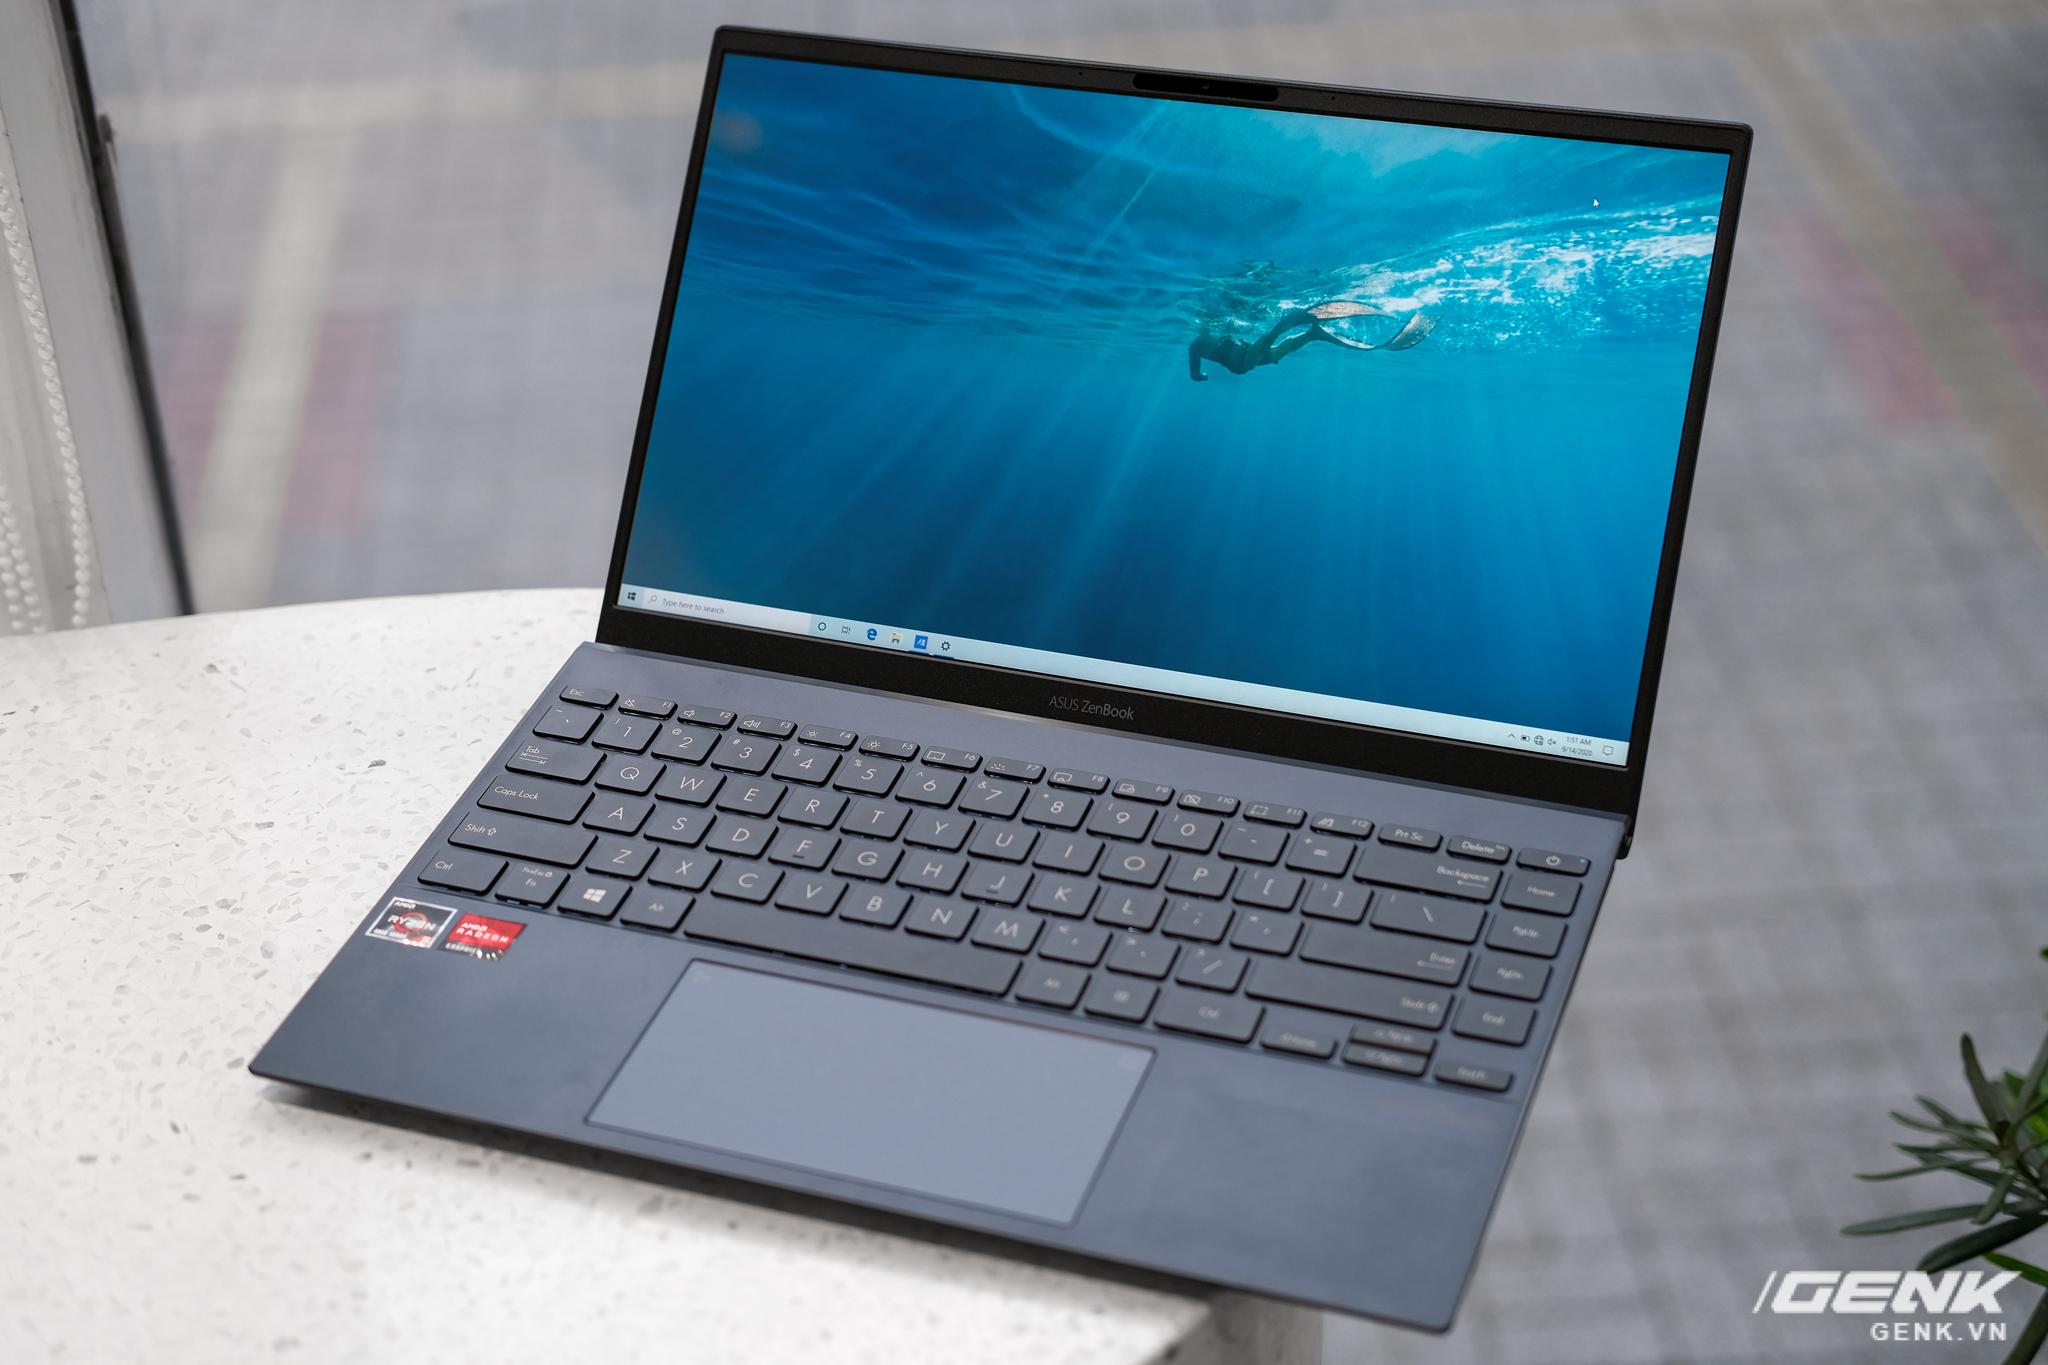 Cận cảnh và trải nghiệm chiếc laptop 14 inch chạy Ryzen Mobile 4000 Series mỏng nhất thế giới đến từ đội ASUS - Ảnh 9.